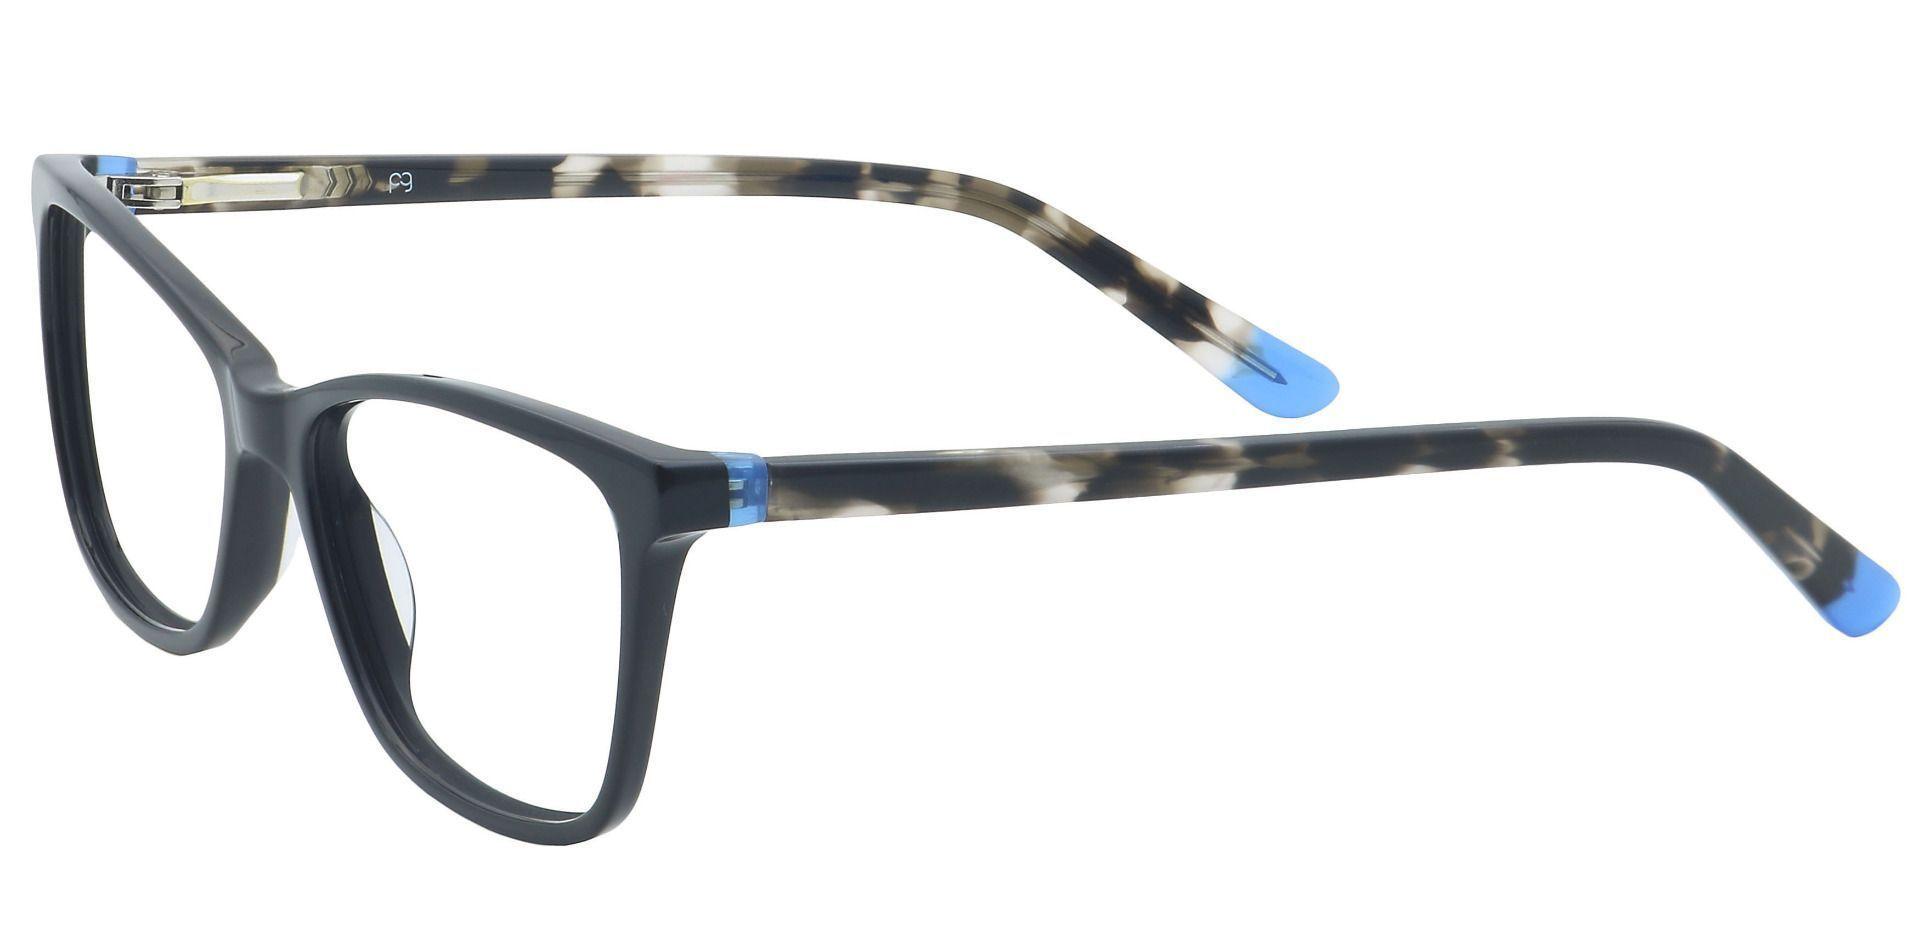 Giulian Square Prescription Glasses - Black